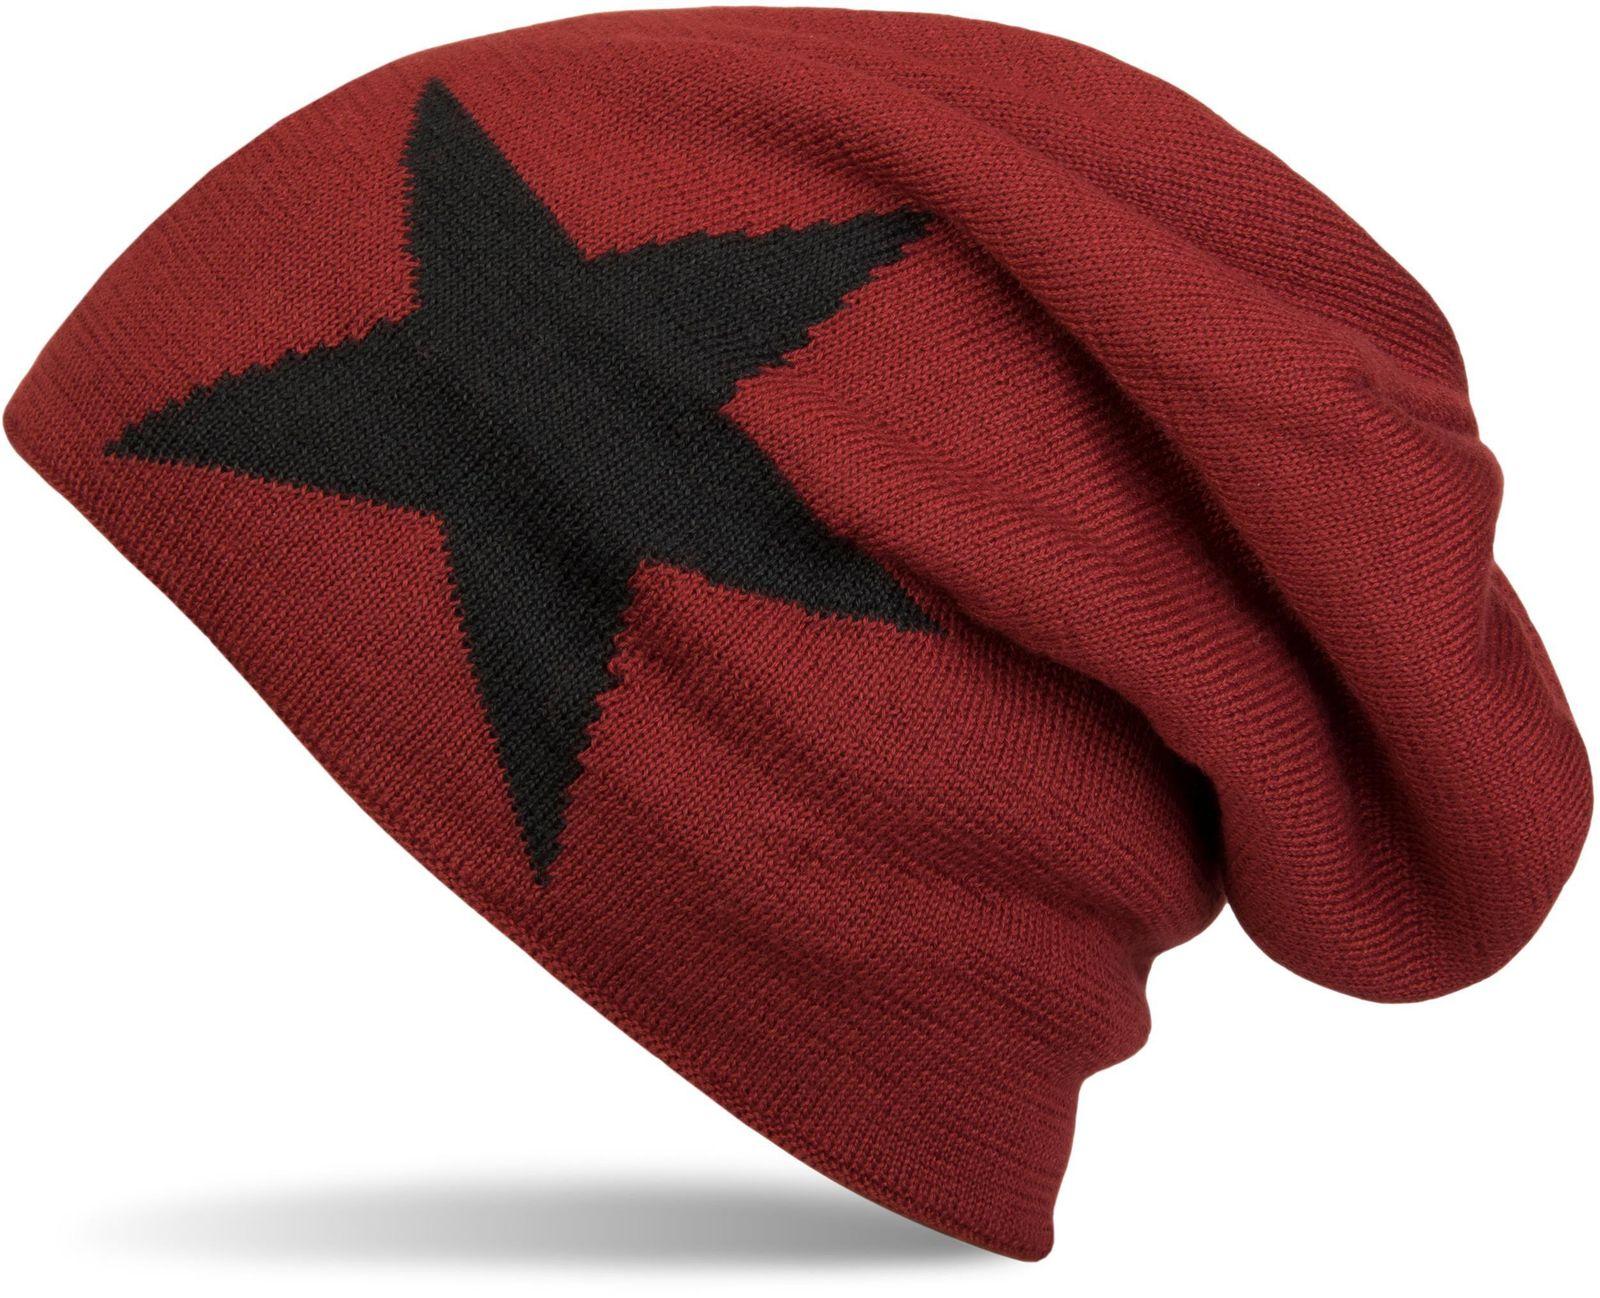 Warme klassische Unisex Strick Beanie Mütze mit Stern sehr weiches Innenfutter